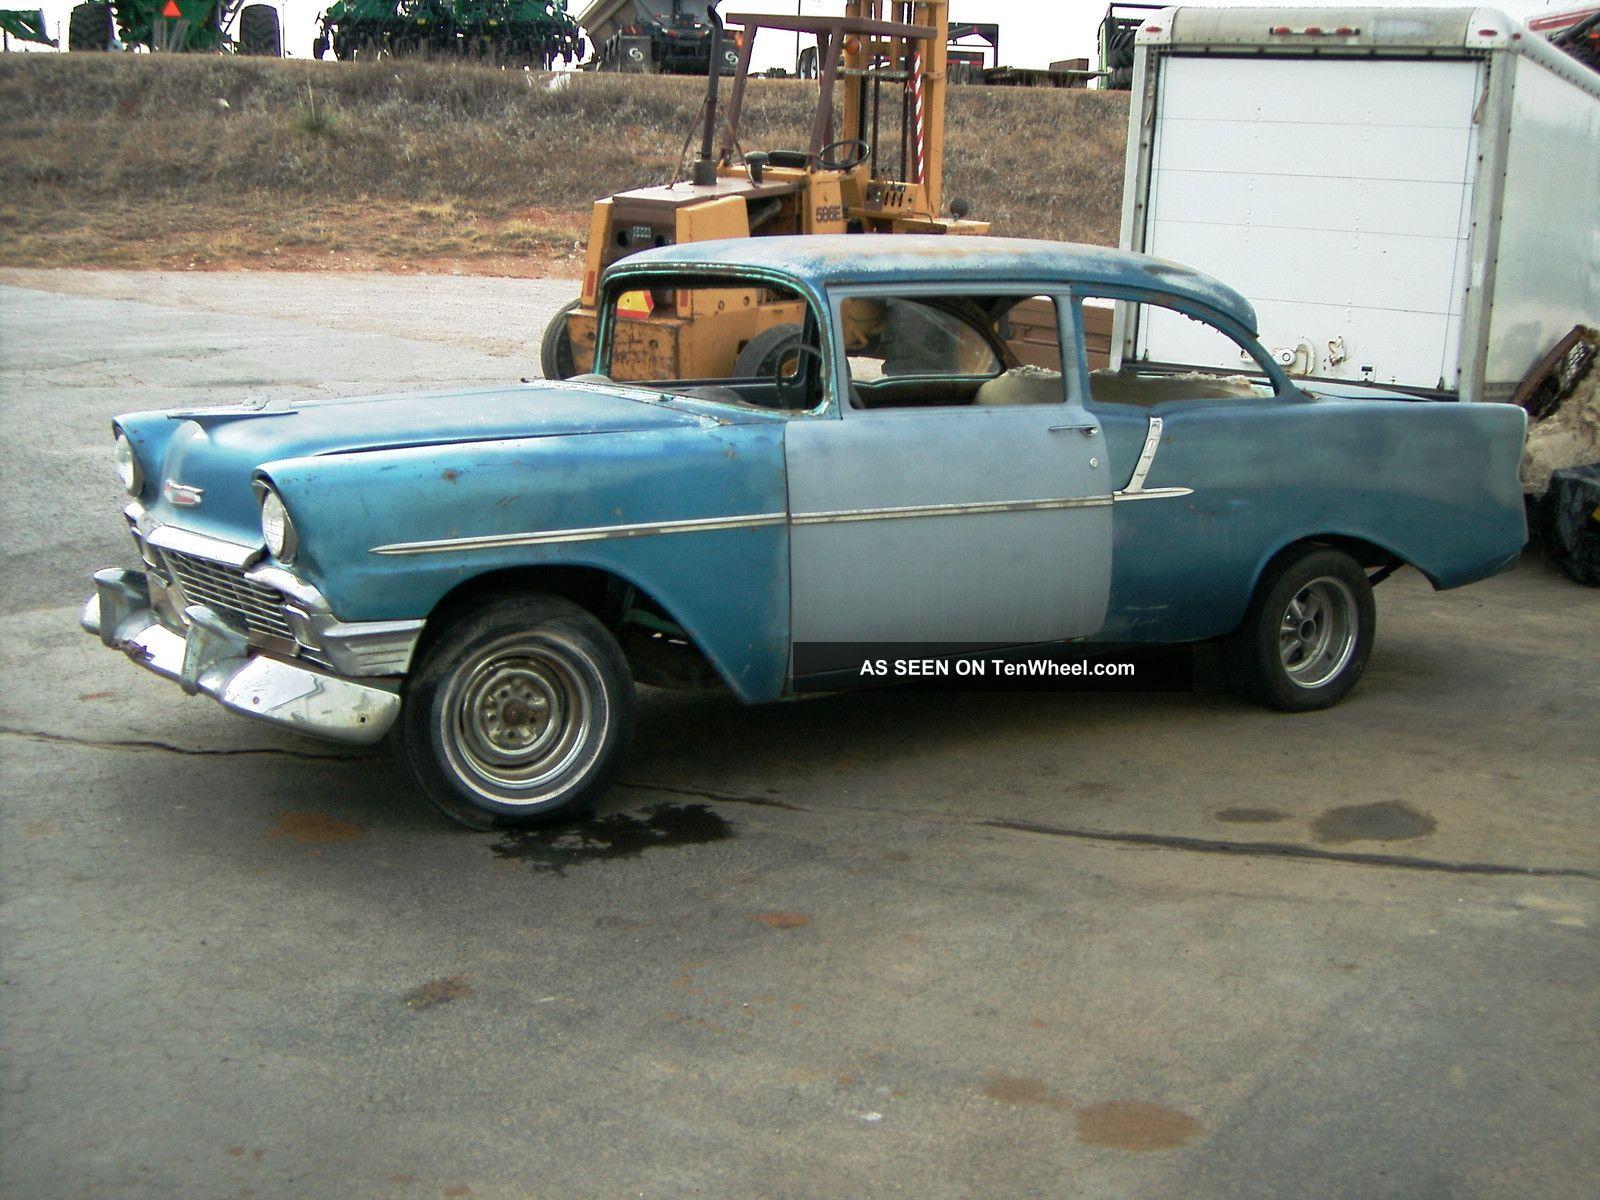 1956 chevrolet 150 2 door sedan 150 4 door sedan 2 cars for 1956 chevy 4 door sedan